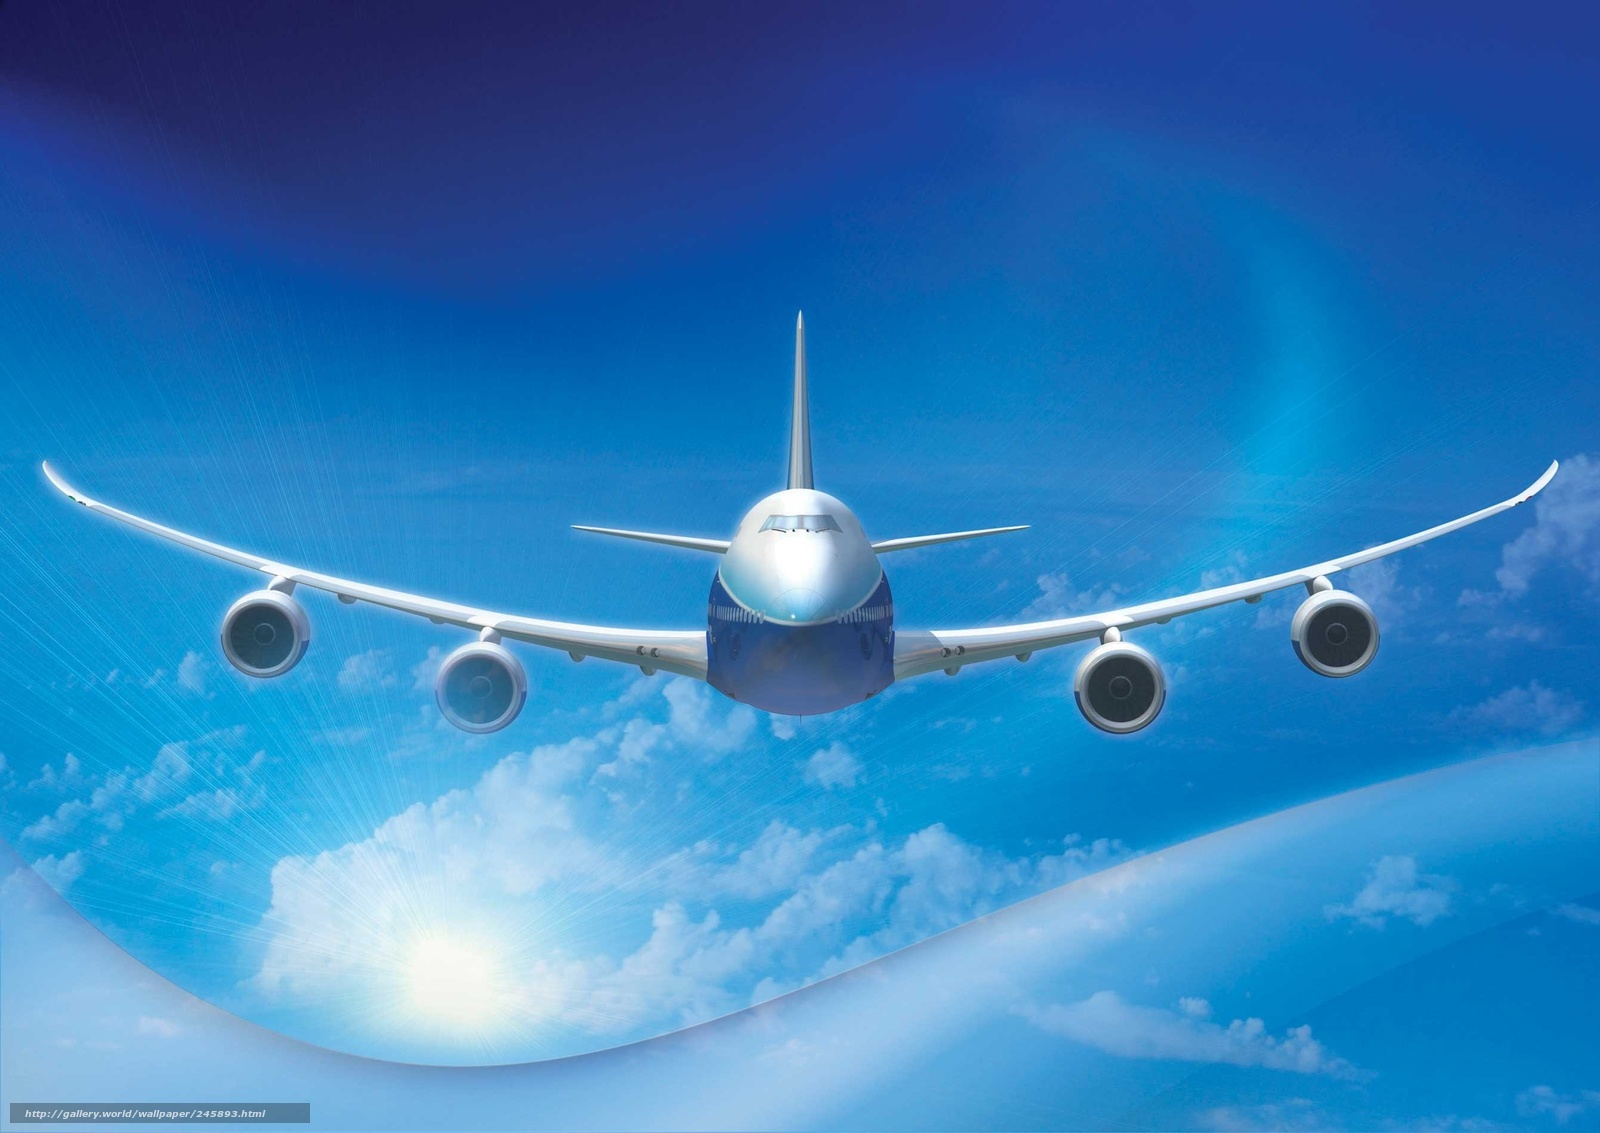 boeing 747 wallpaper widescreen